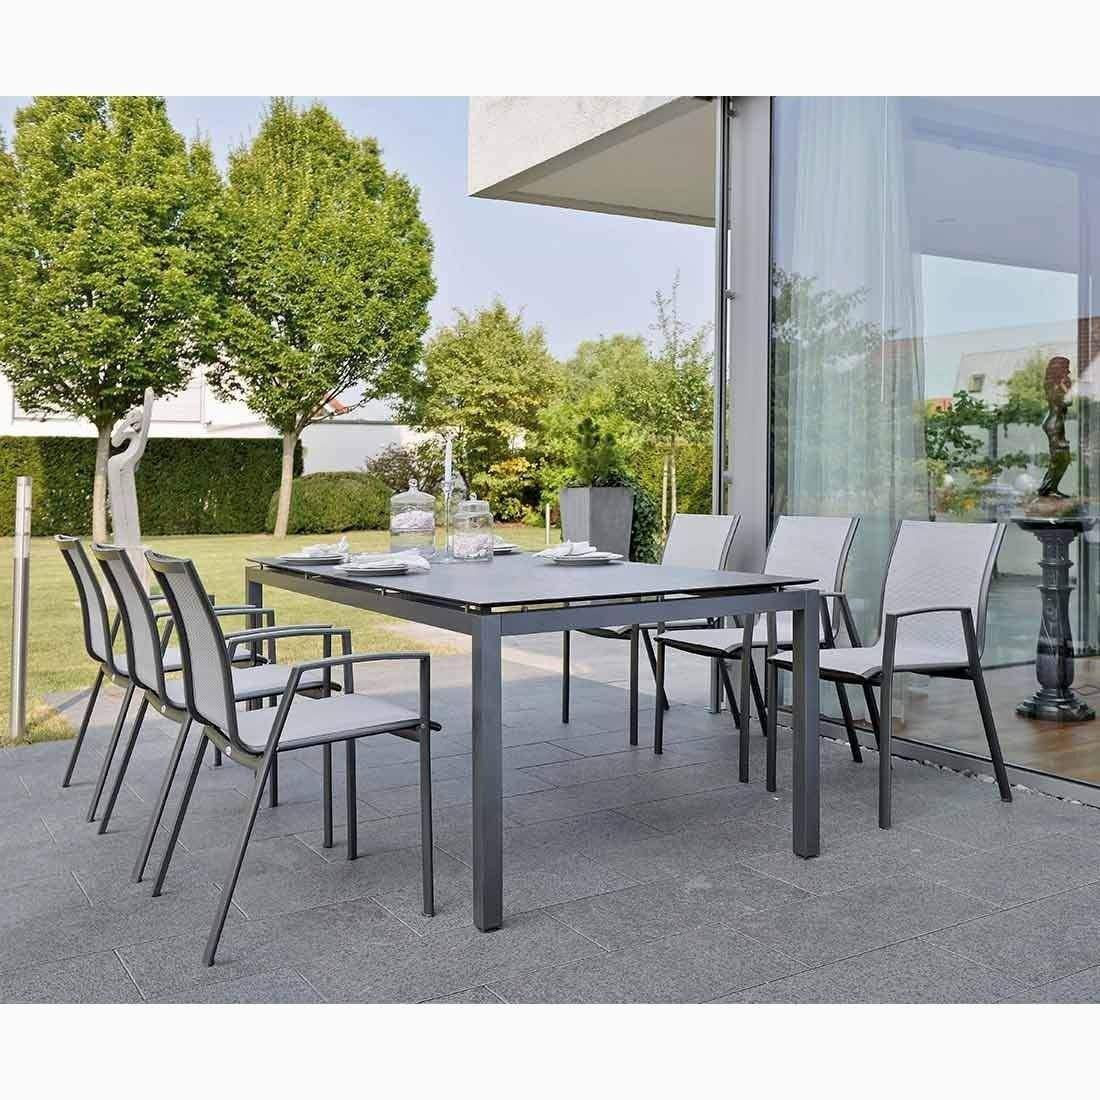 Teakholzmöbel Garten Einzigartig Gartenmöbel Set 8 Stühle Hausdesign Gartentisch Set Gartenm